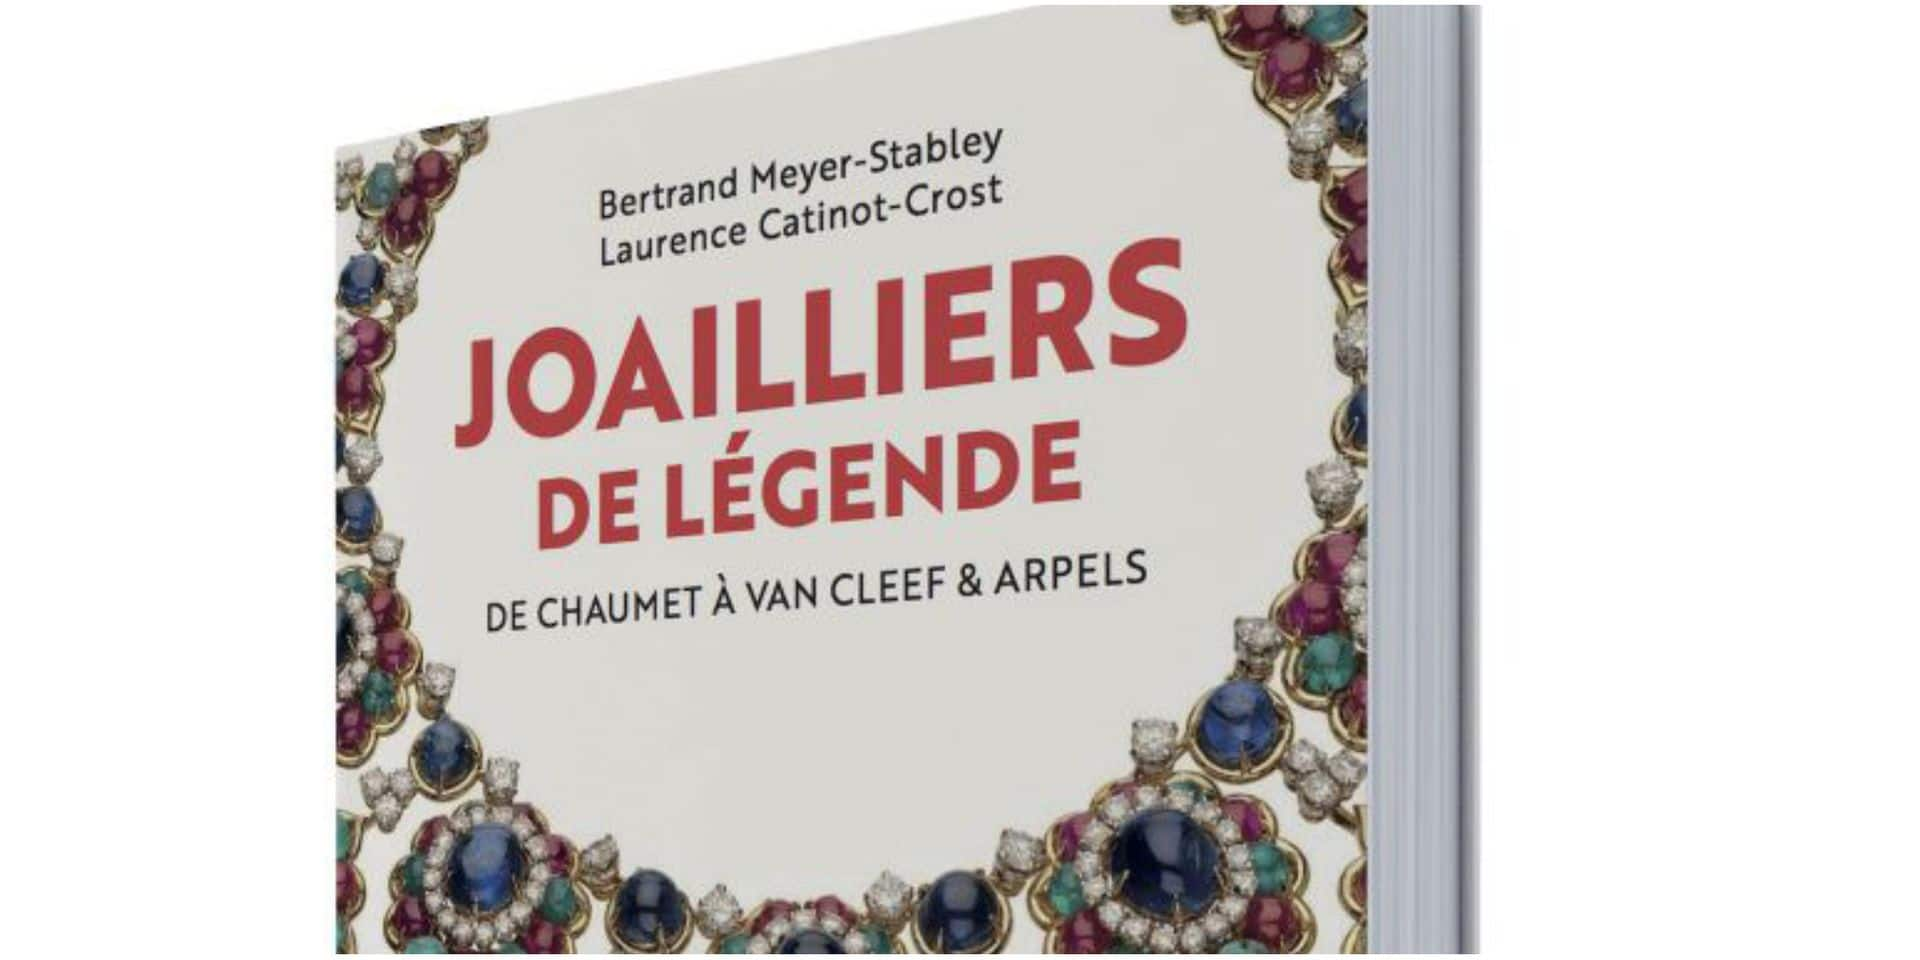 Noblesse et royauté: de Chaumet à Van Cleef&Arpels, les joailliers de légende